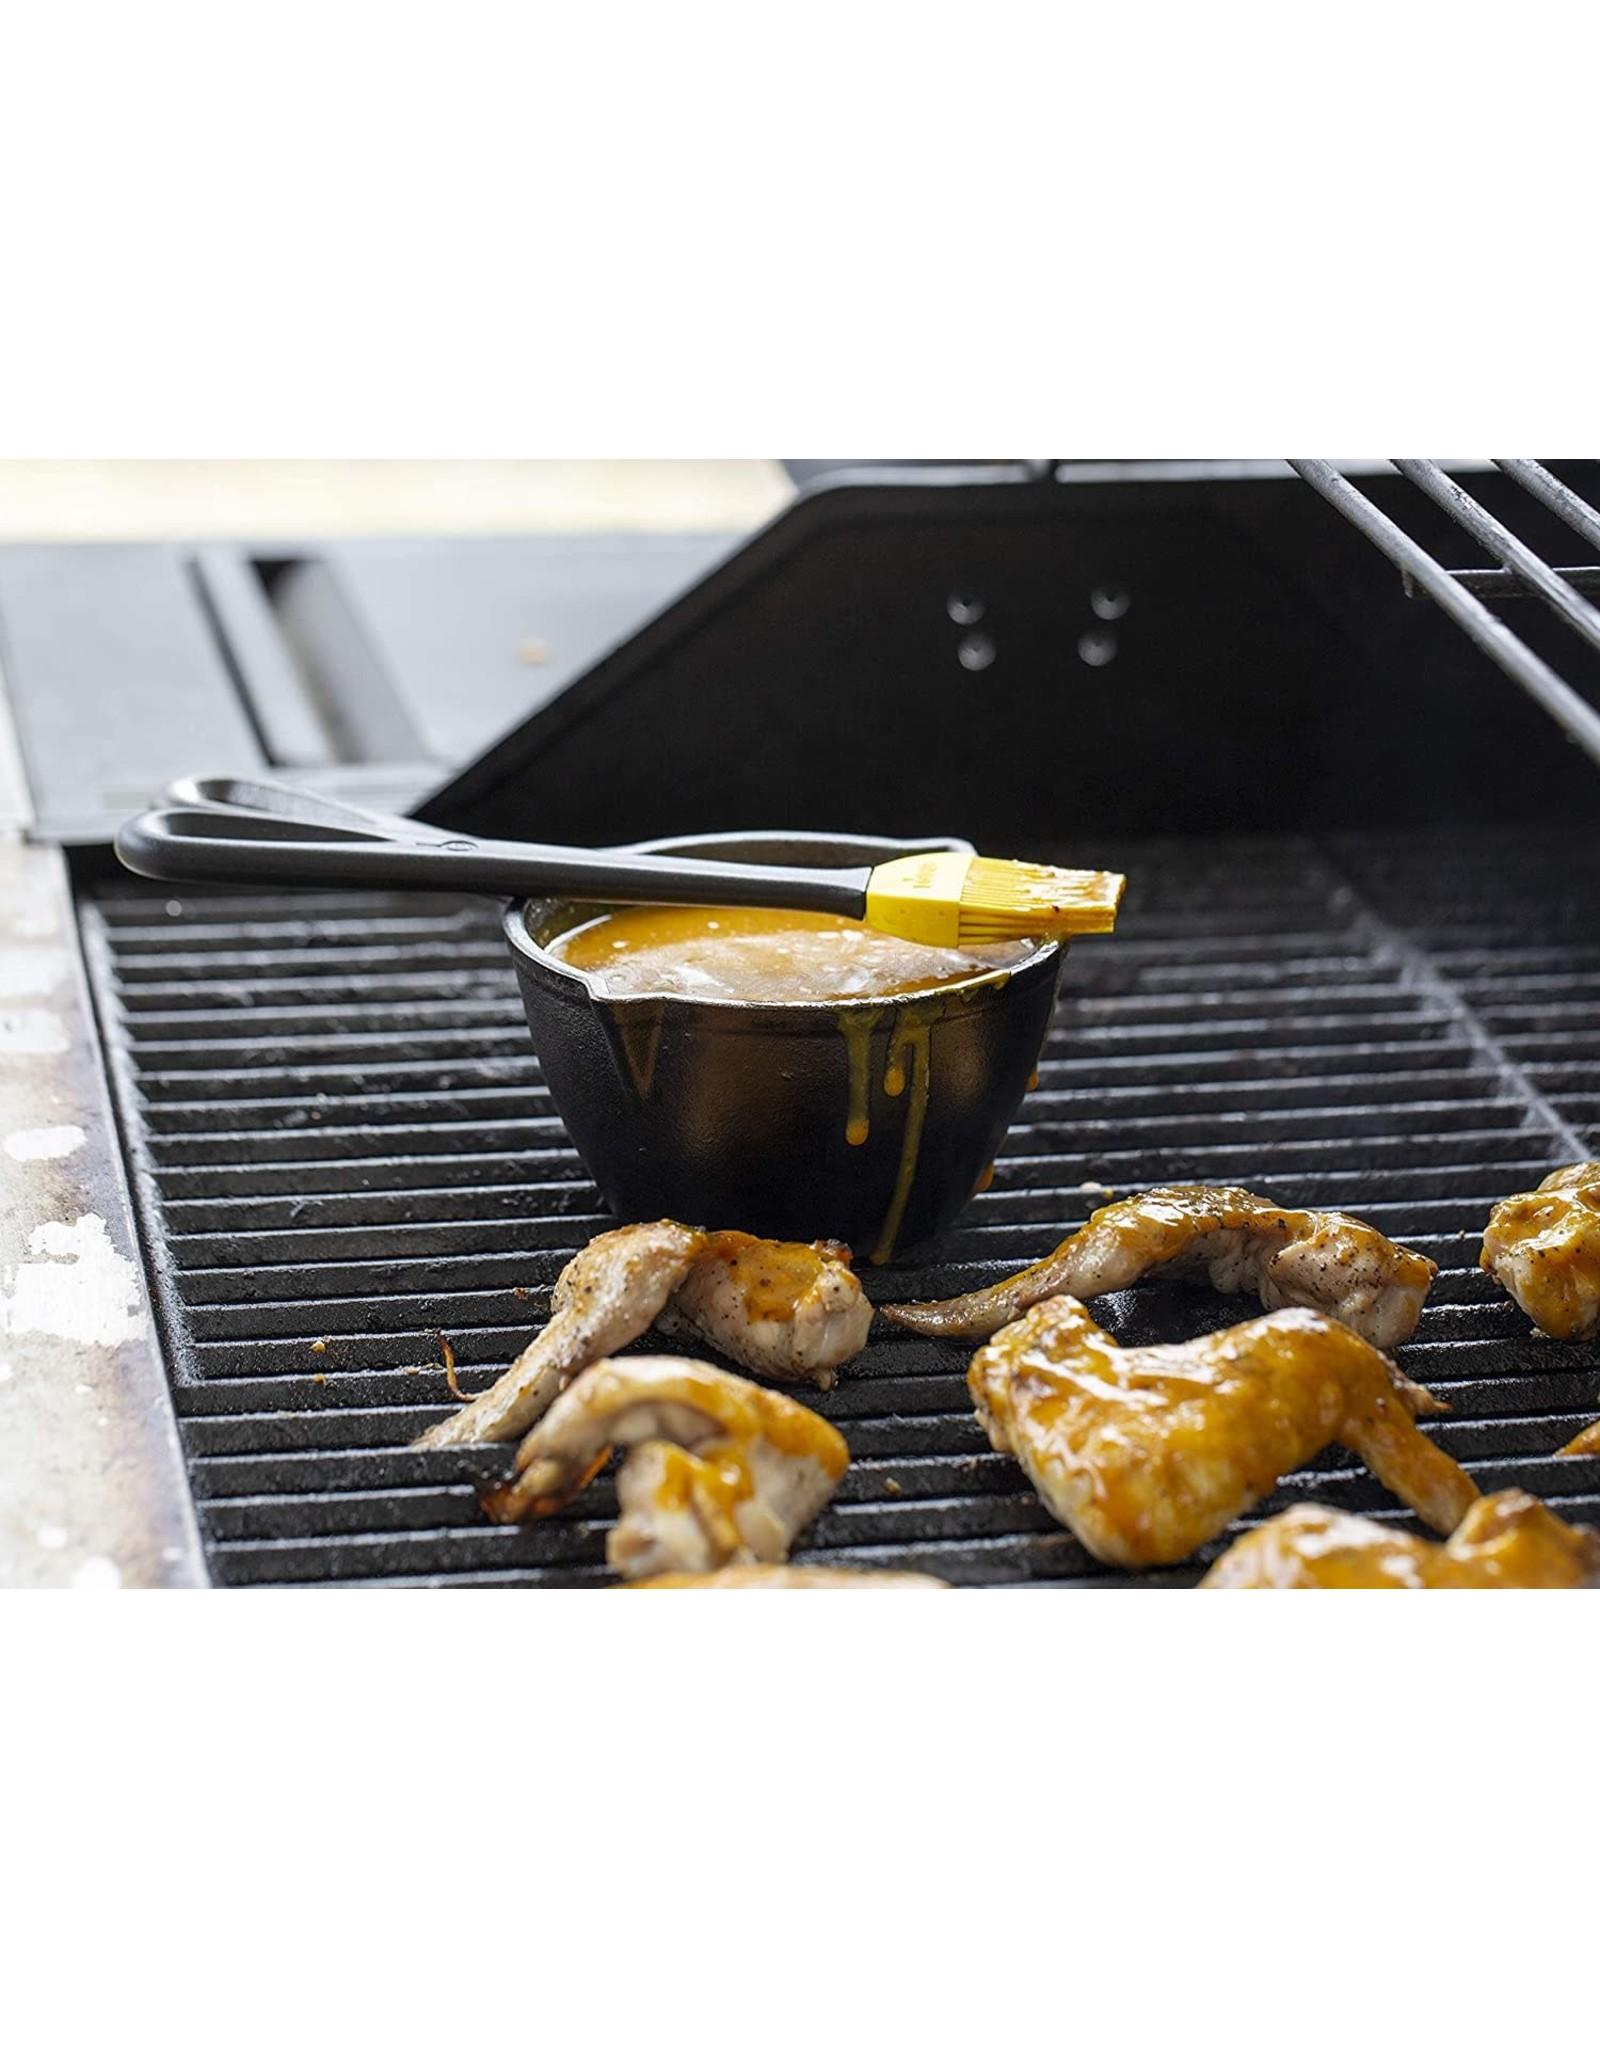 Lodge LODGE Sauce pan with silicong basting brush